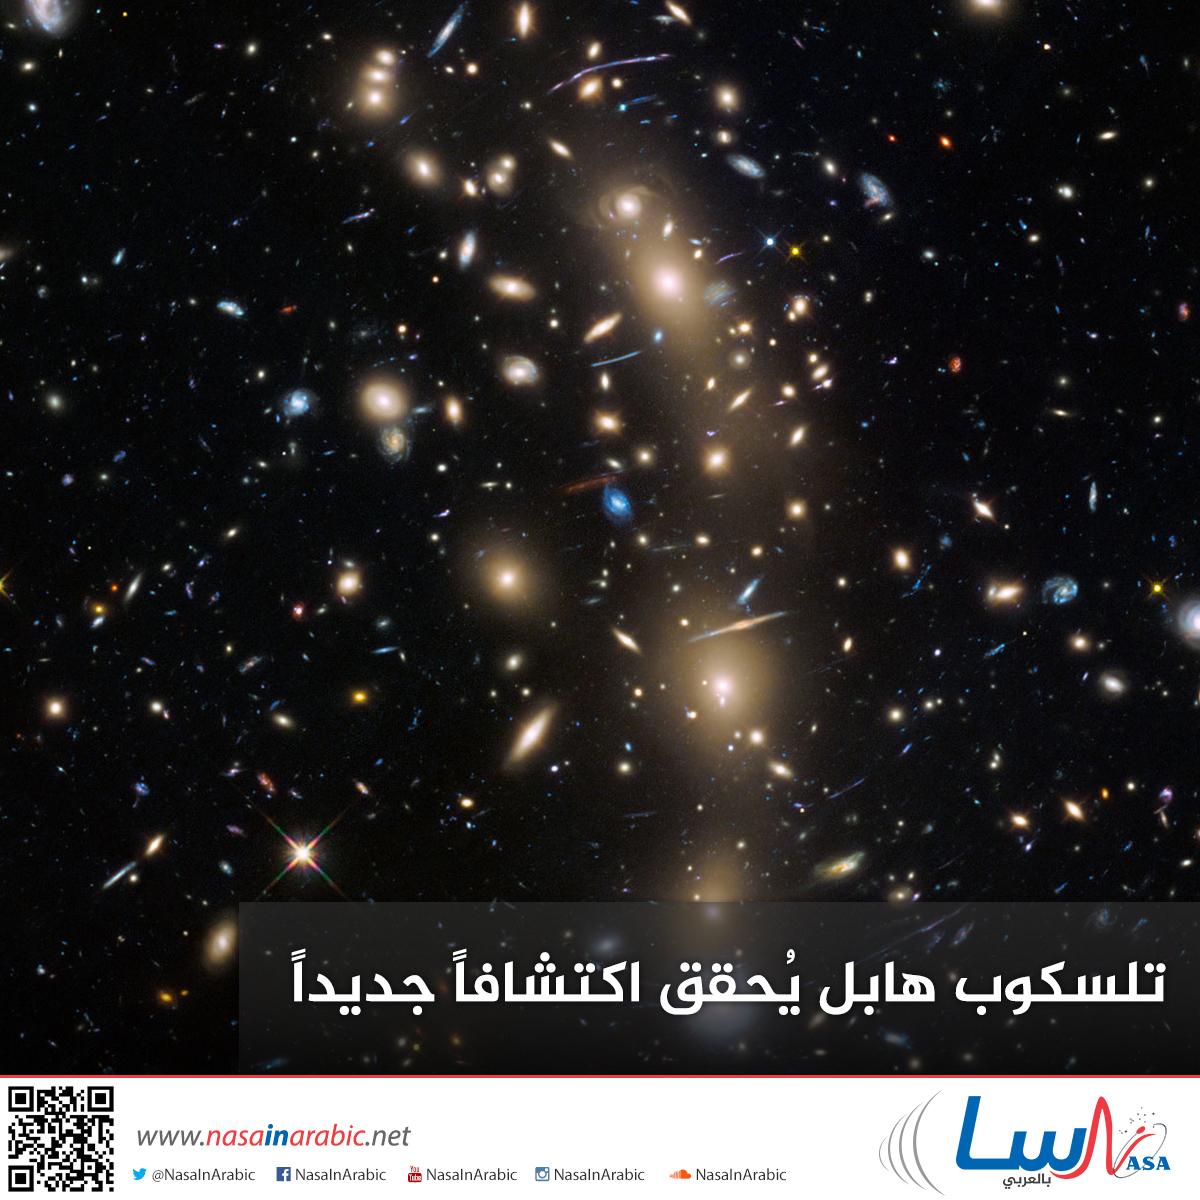 تلسكوب هابل يُحقق اكتشافاً جديداً